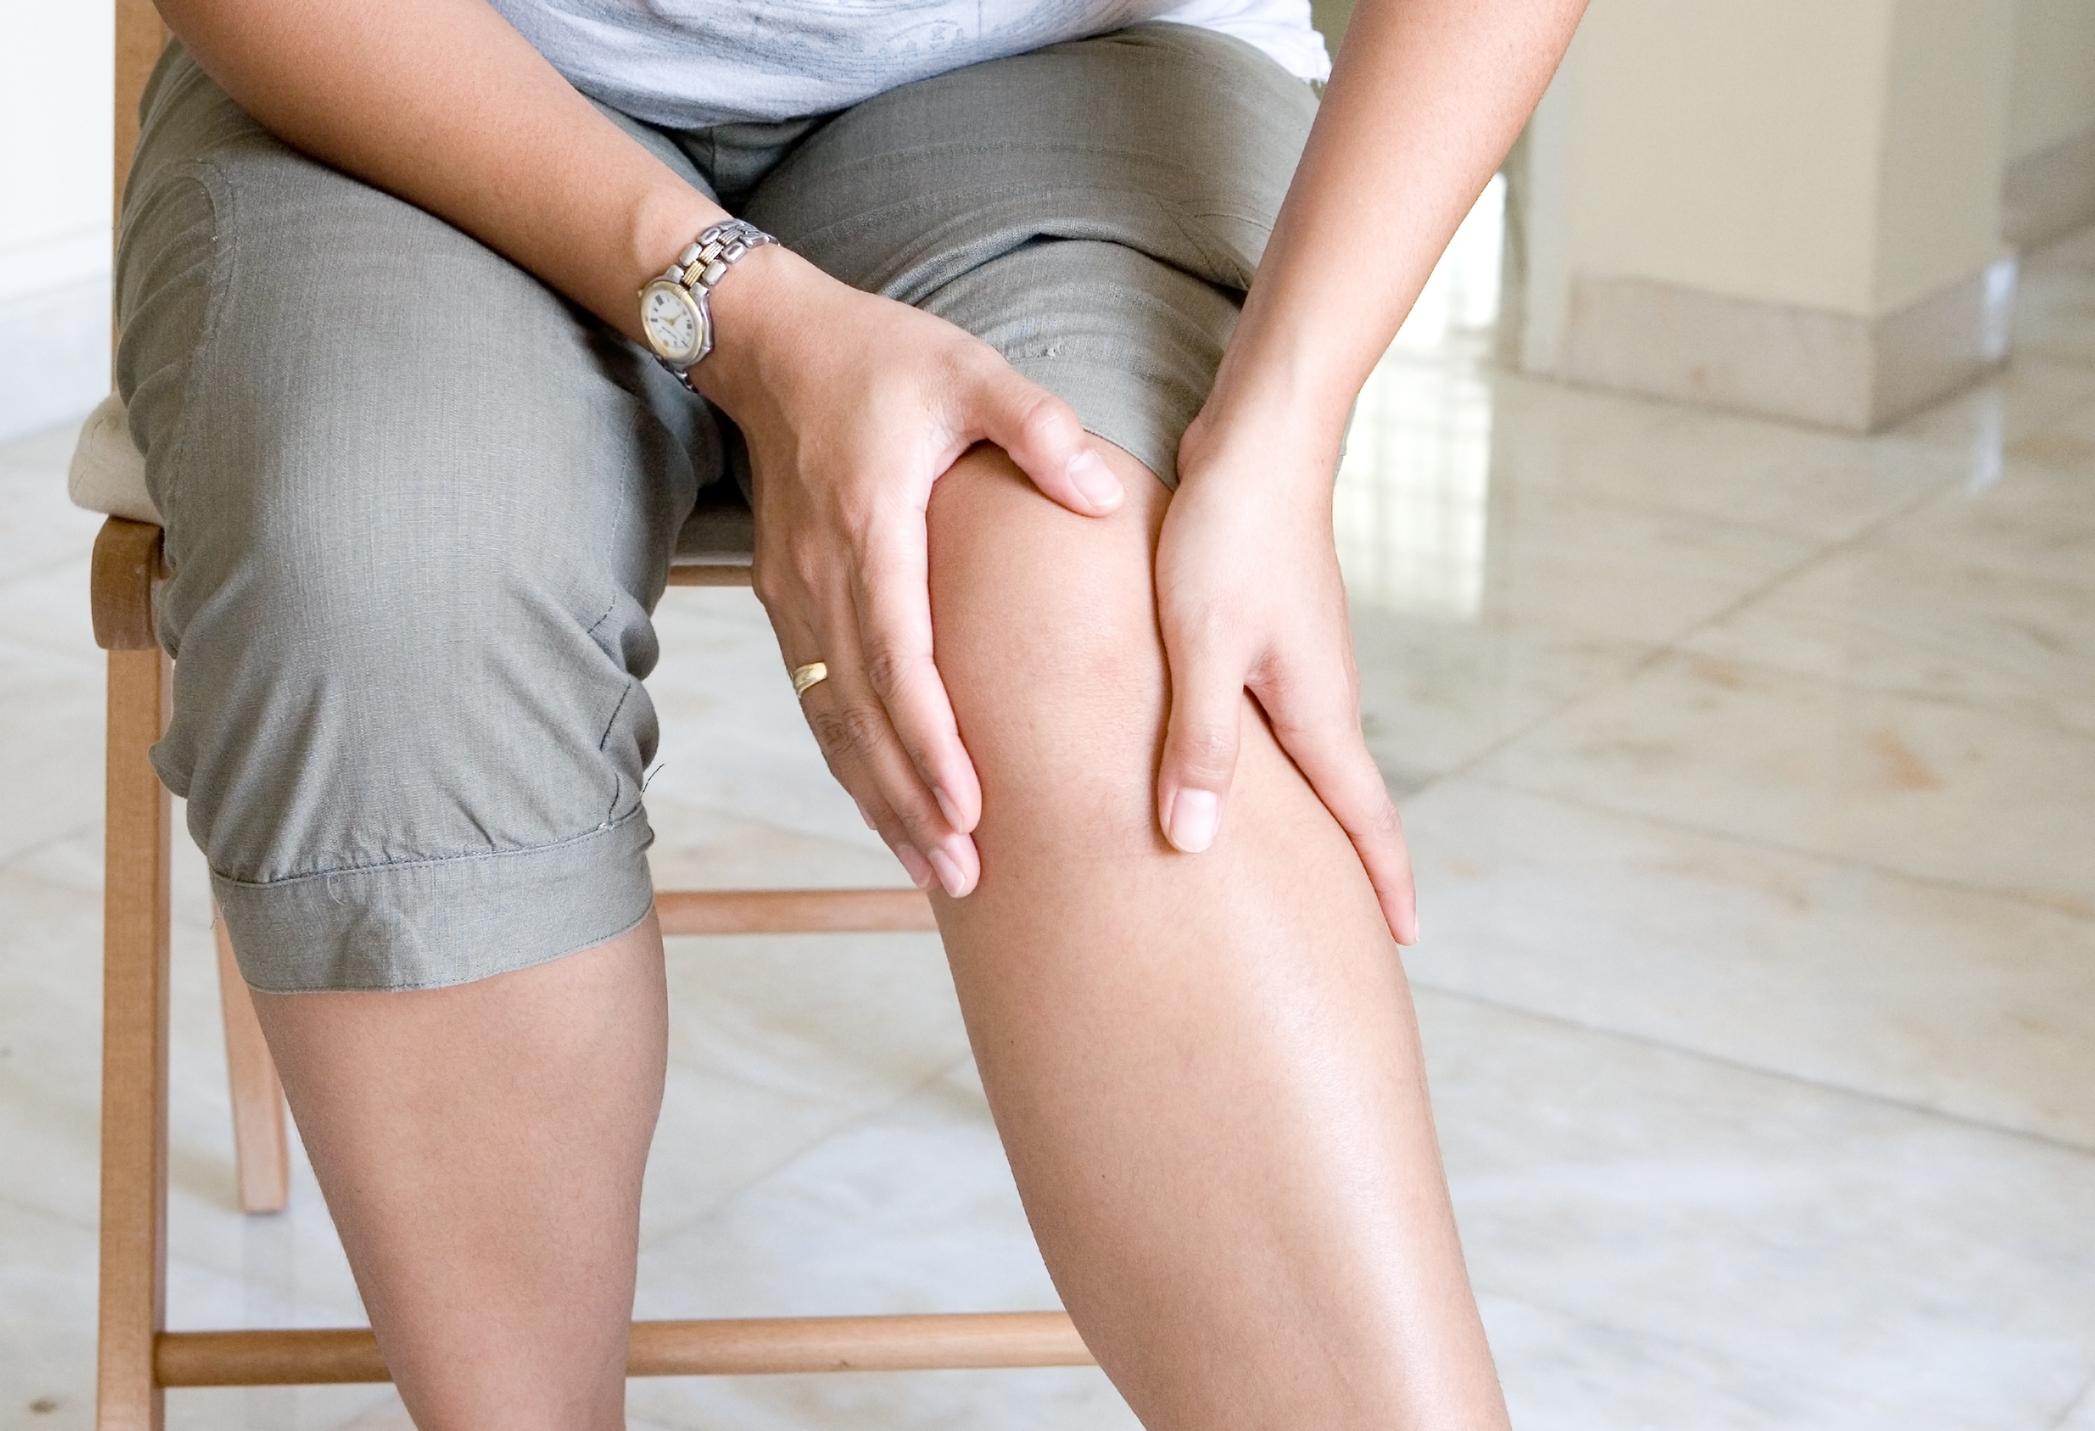 magas vérnyomásecet a lábakon diuretikumok magas vérnyomás esetén, amelyek nem választanak ki káliumot